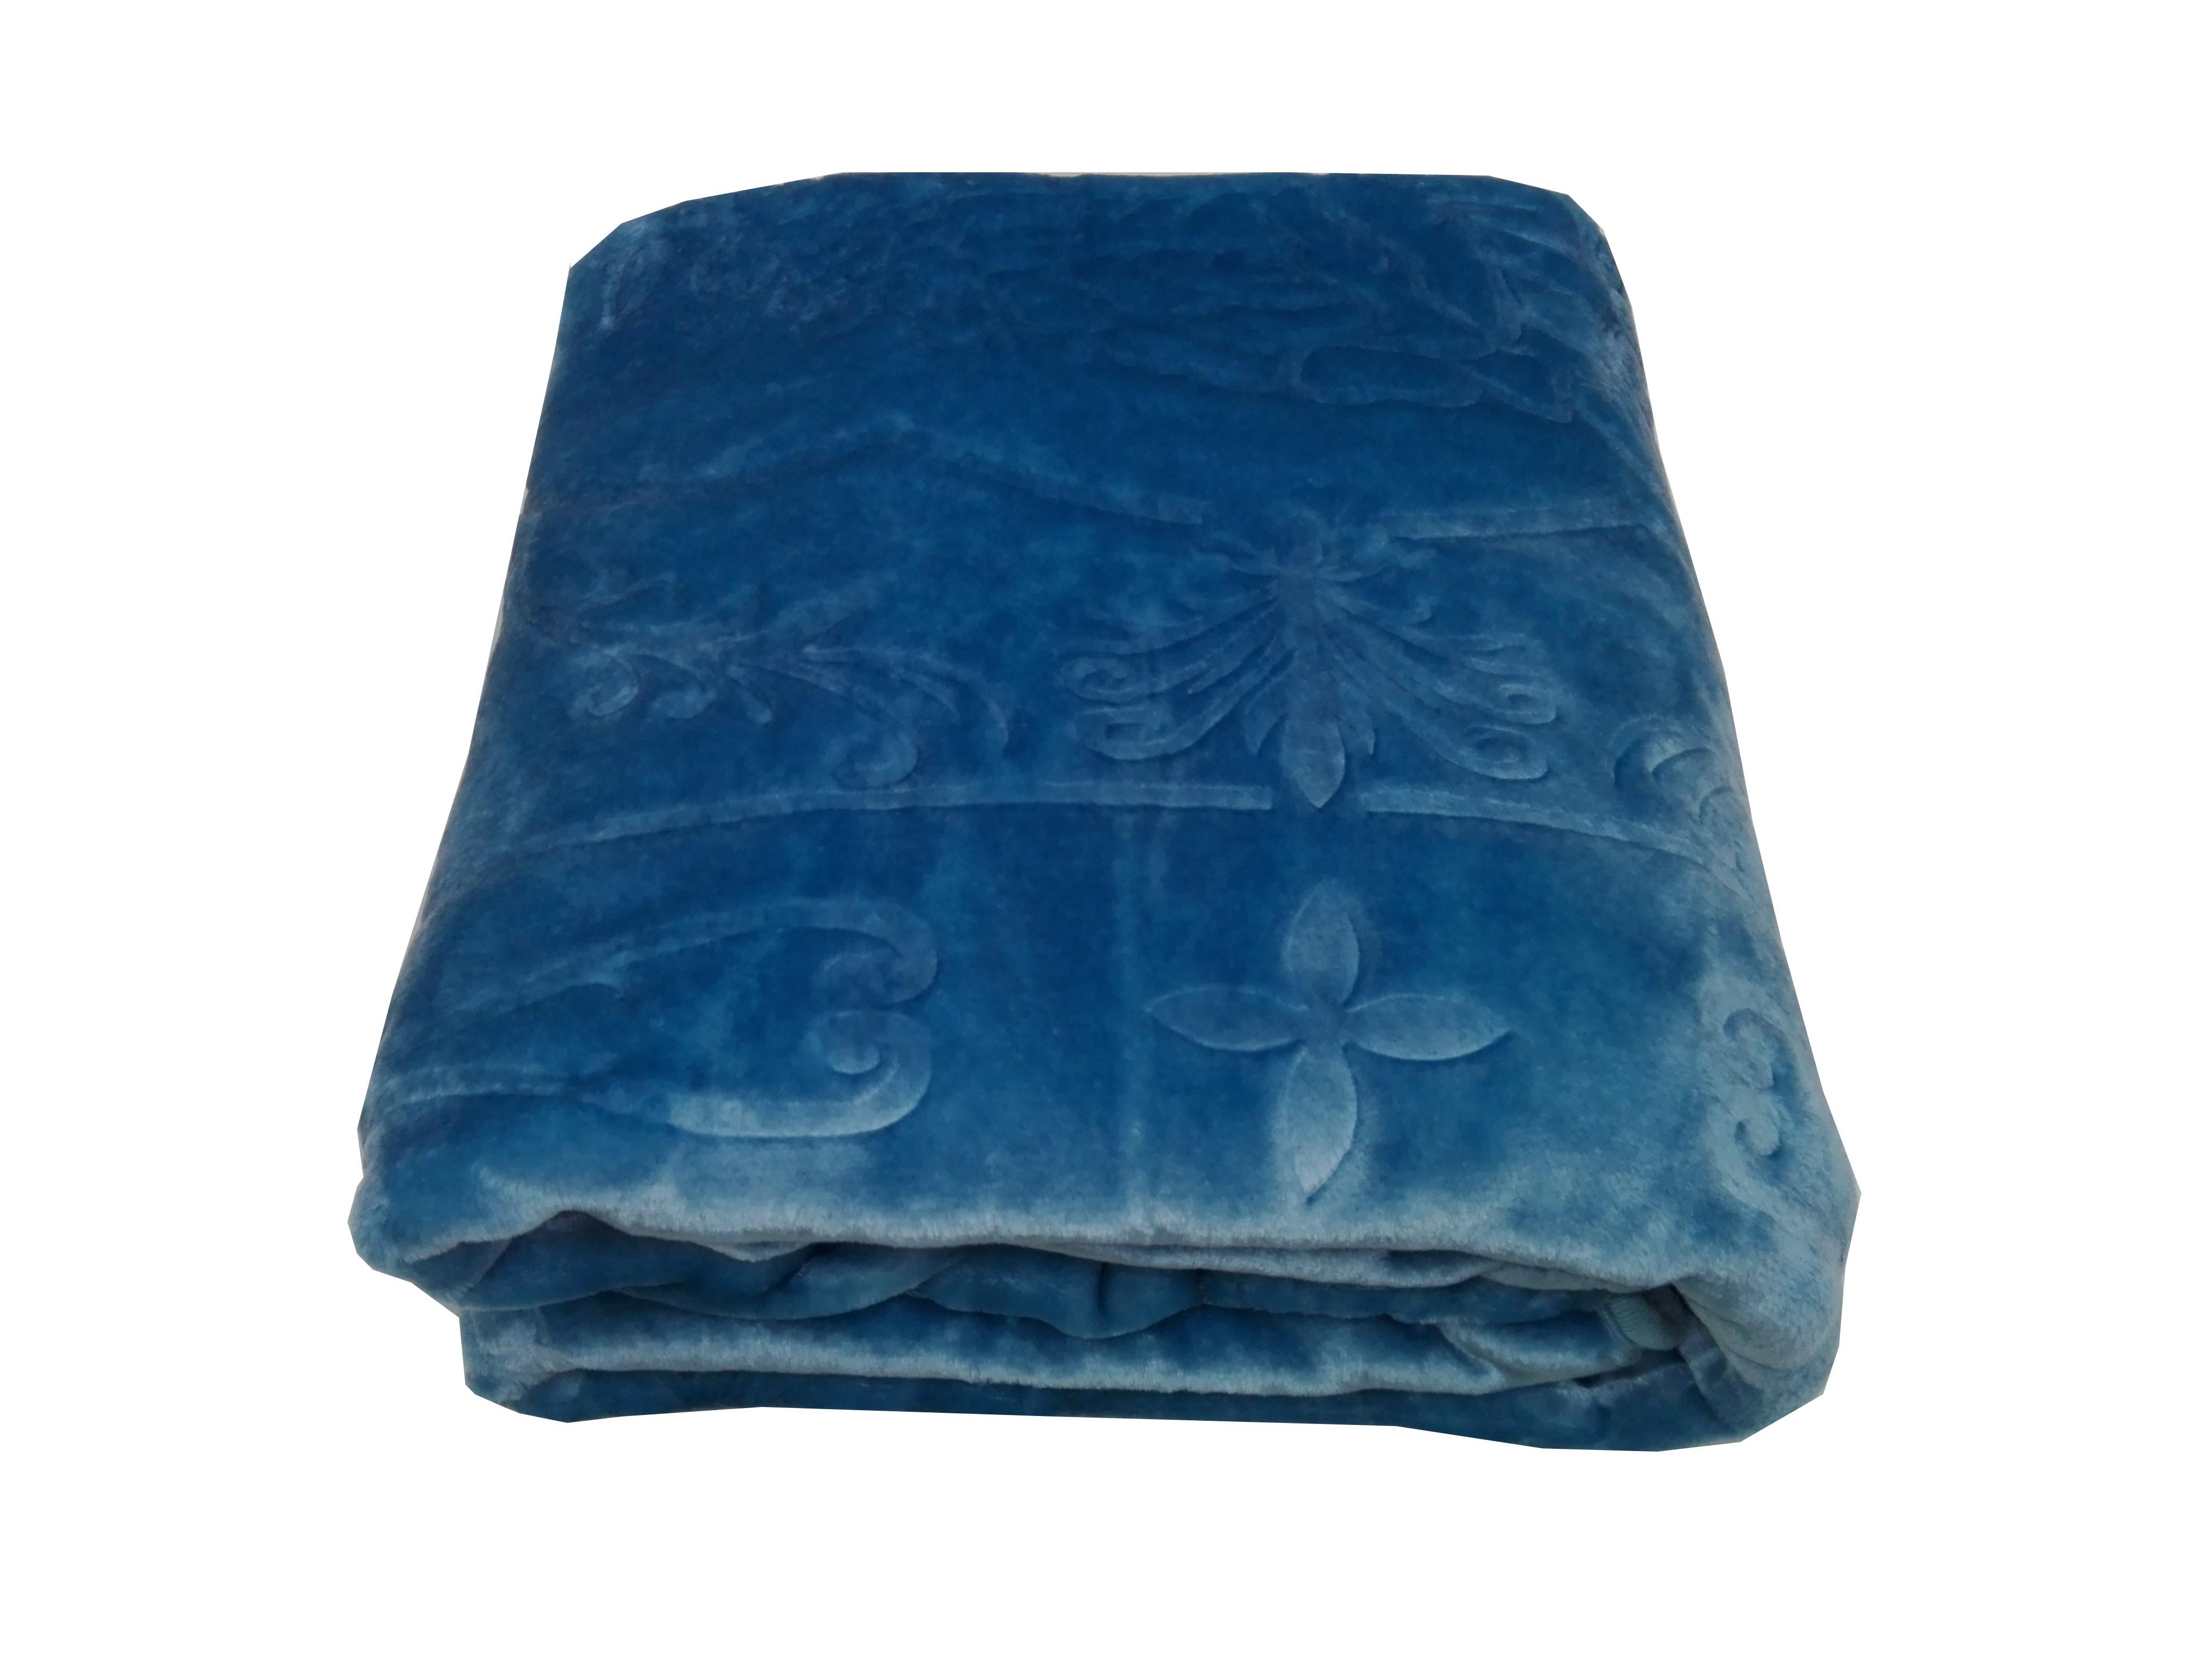 پتوی یک نفره ساده سوپر برجسته نرمینه رنگ آبی فیروزه ای  (کد224) سایز 220*160 سانتی متر1